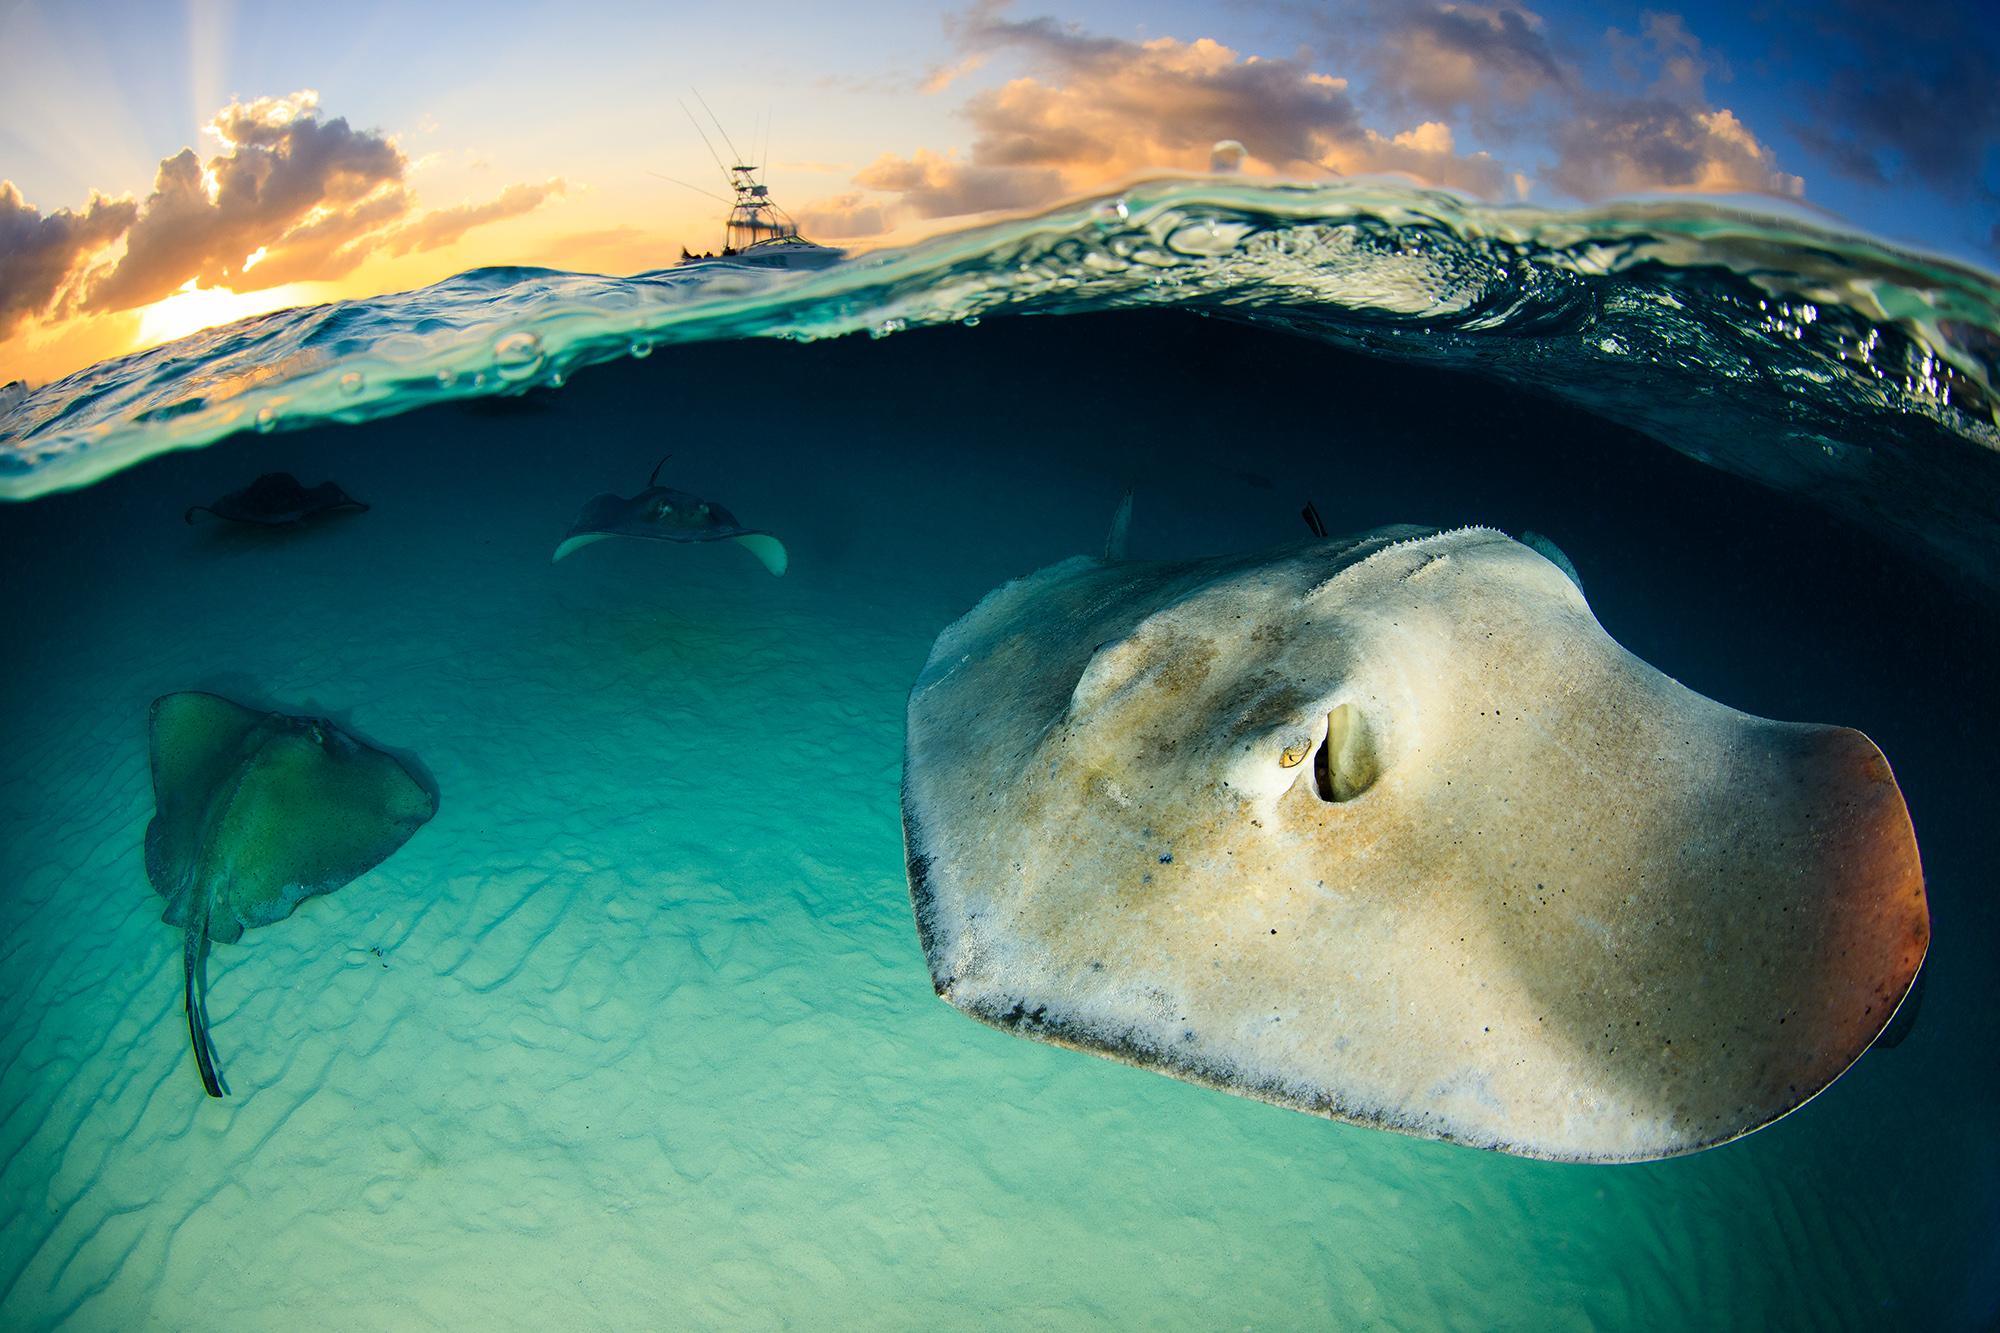 stingray credit: yen-yi lee / coral reef image bank